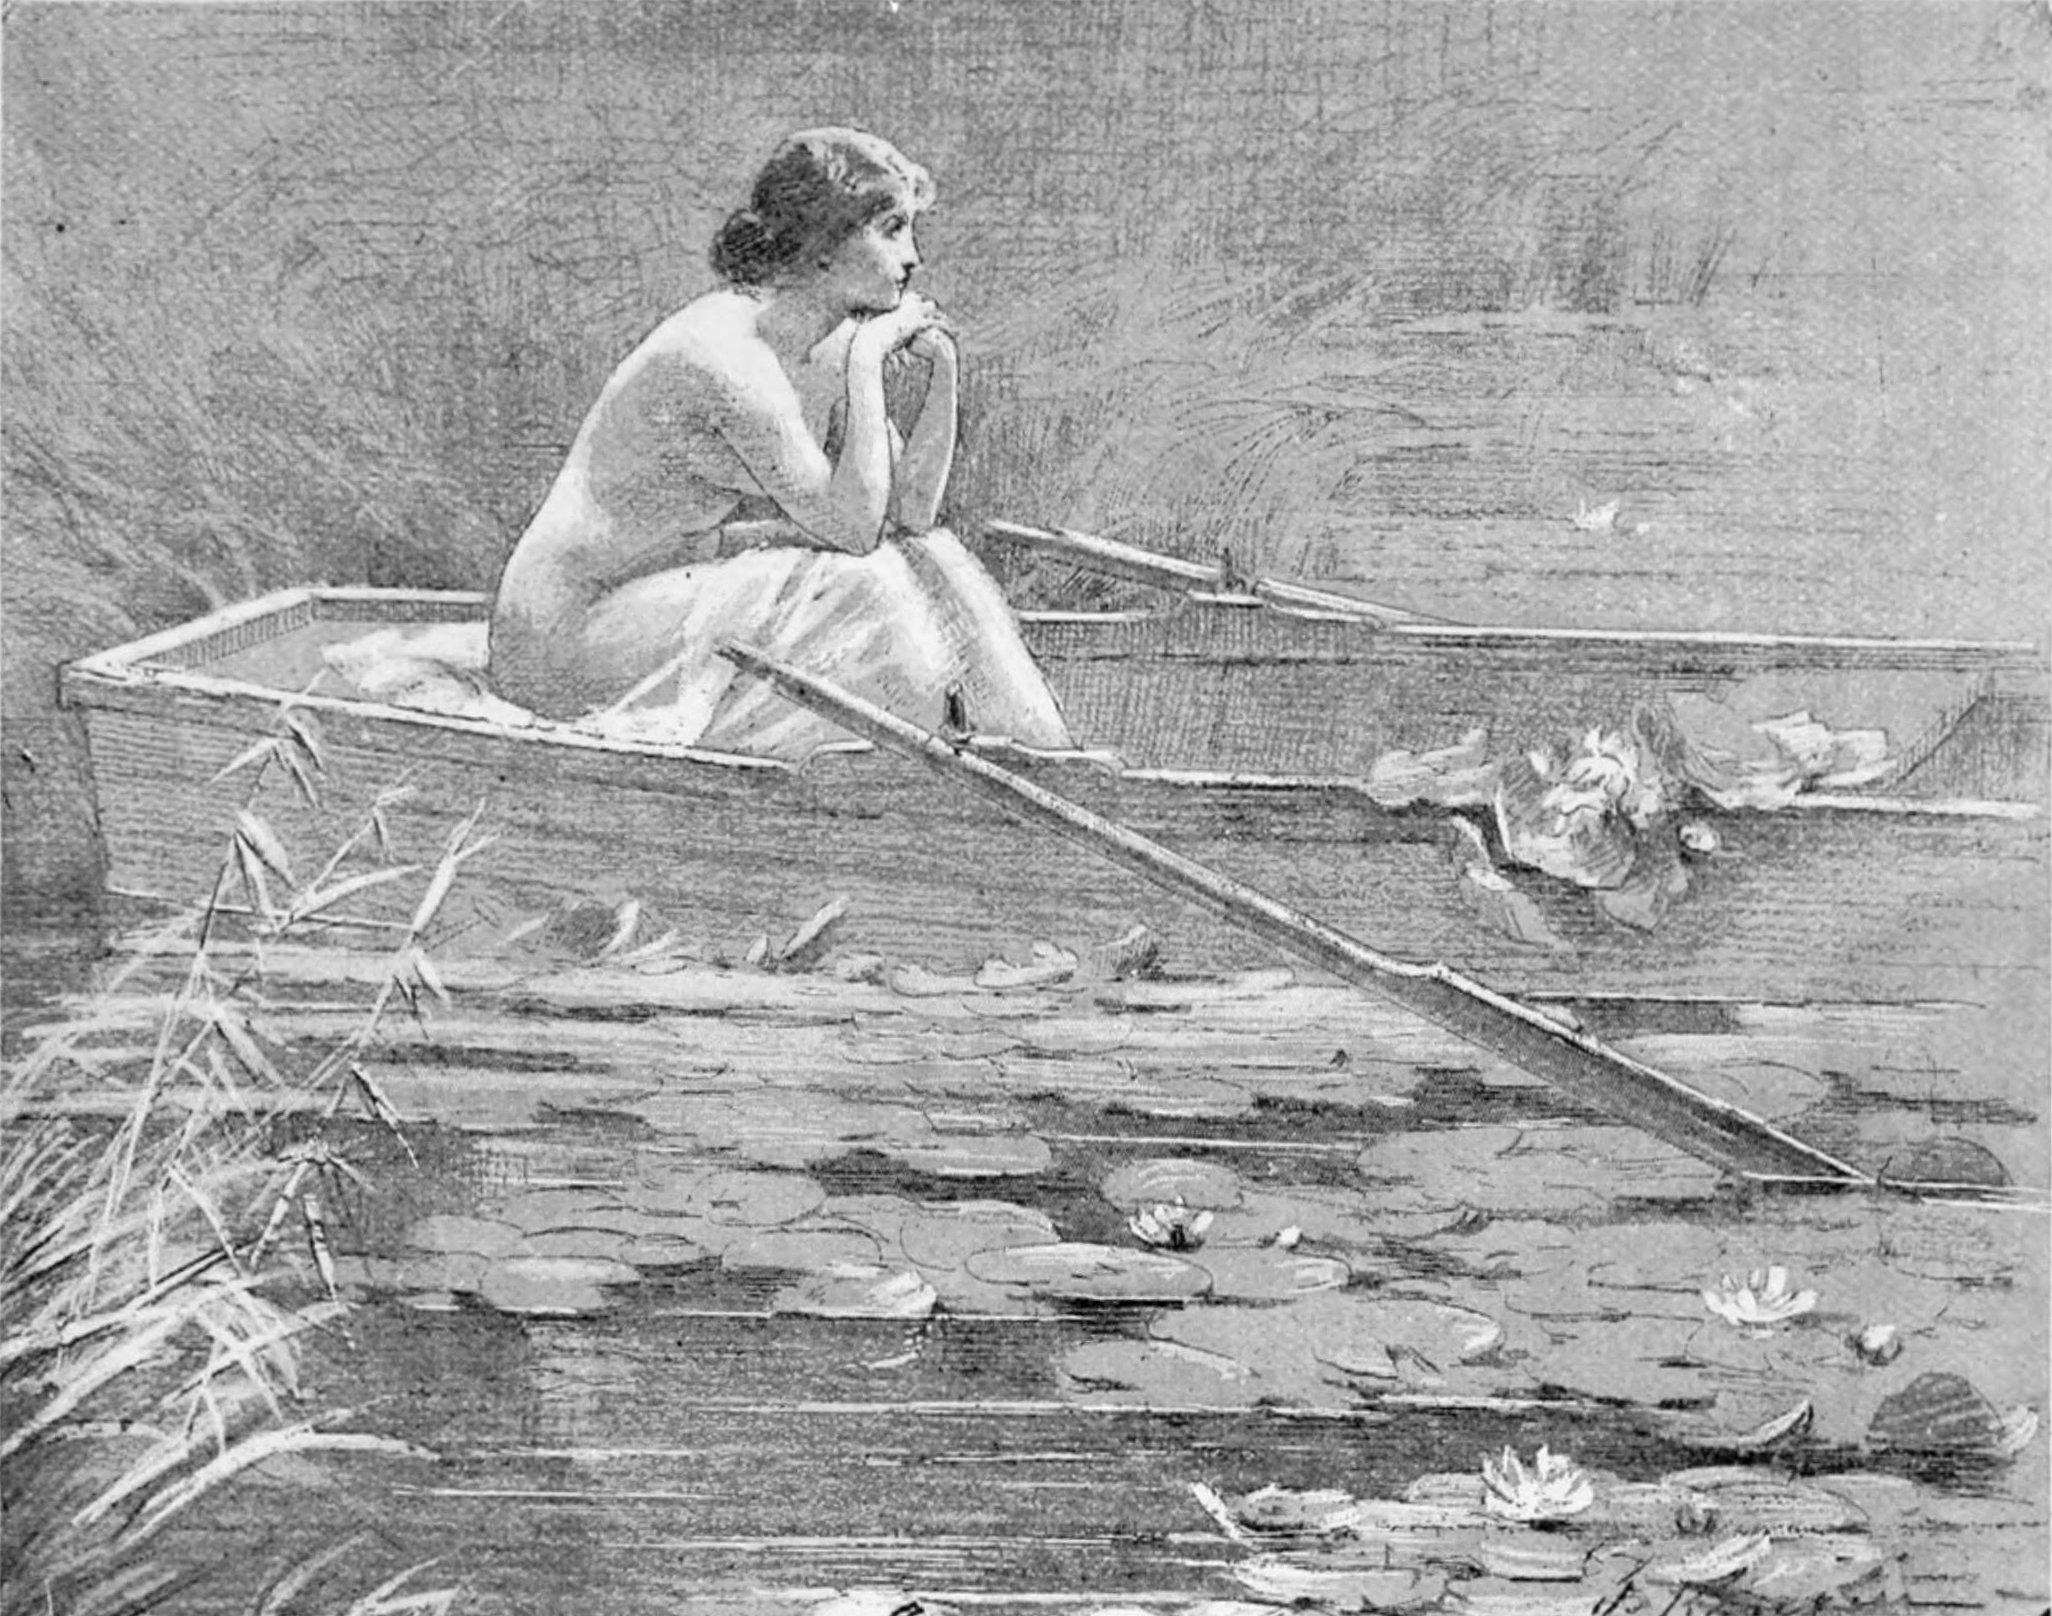 file:jeanne rongier - fleur d'eau - wikimedia commons